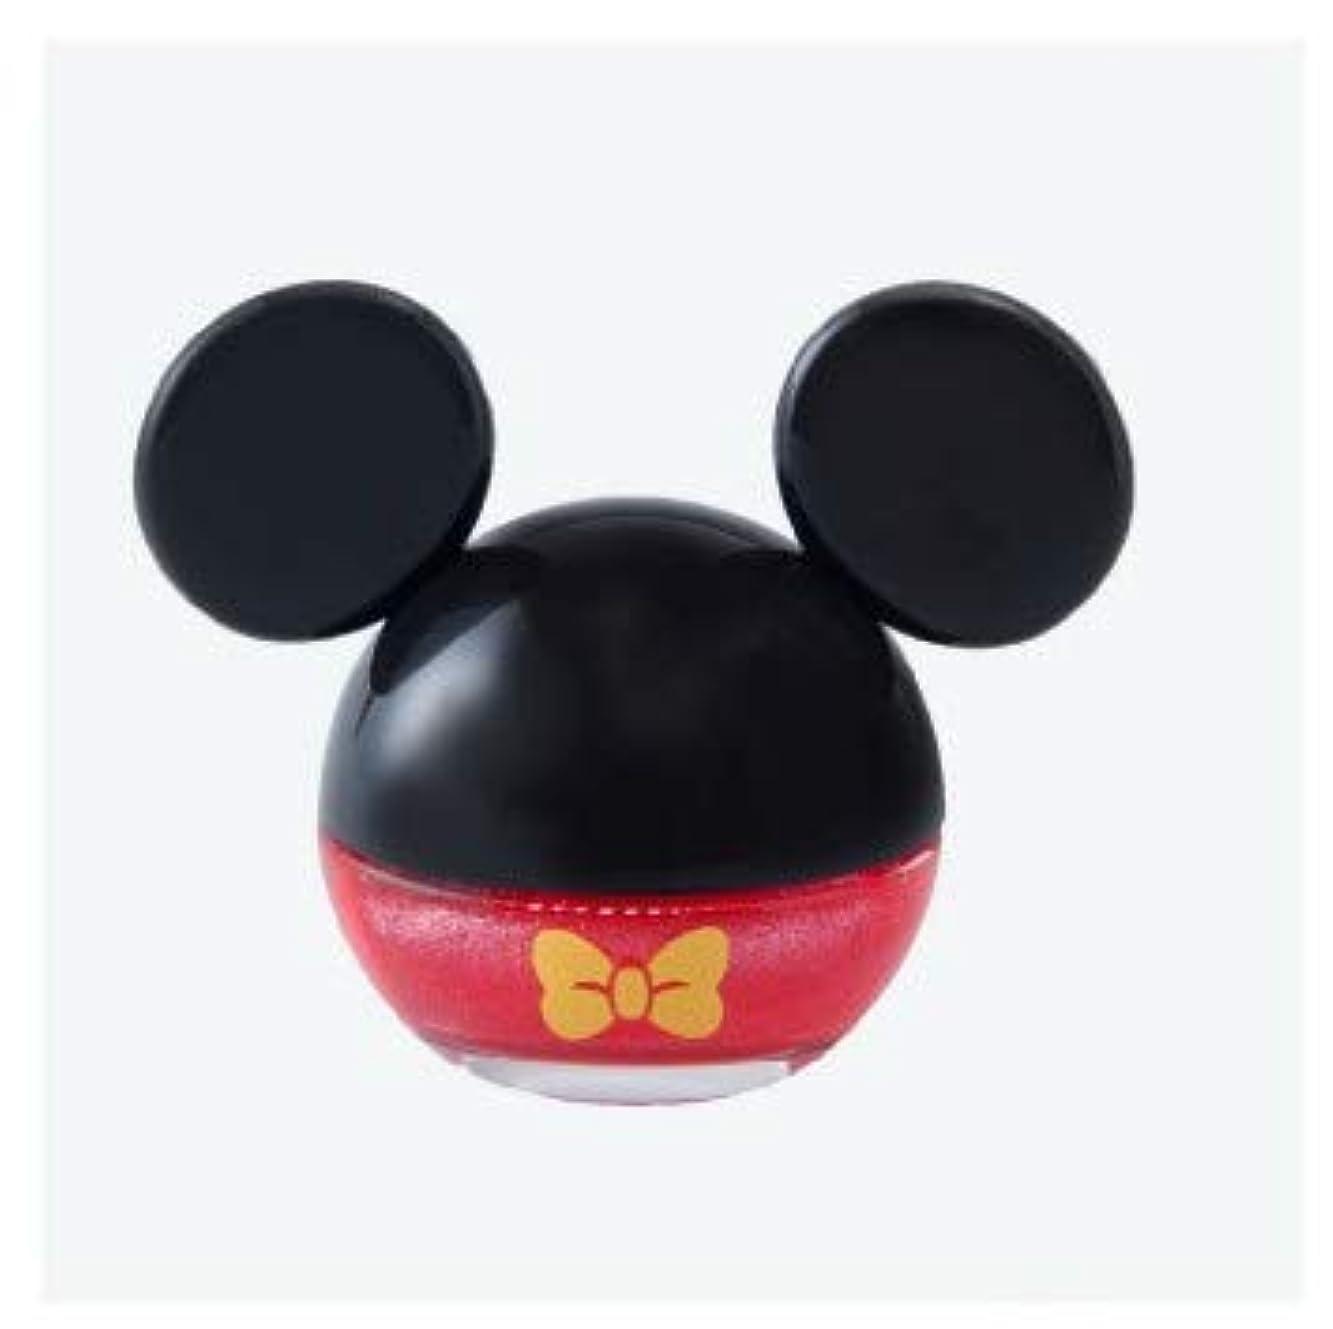 海洋の入射感じるディズニー 芳香剤 ルームフレグランス ジェル ミッキー(ミッキーマウス) せっけんの香り 東京ディズニーリゾート TDR